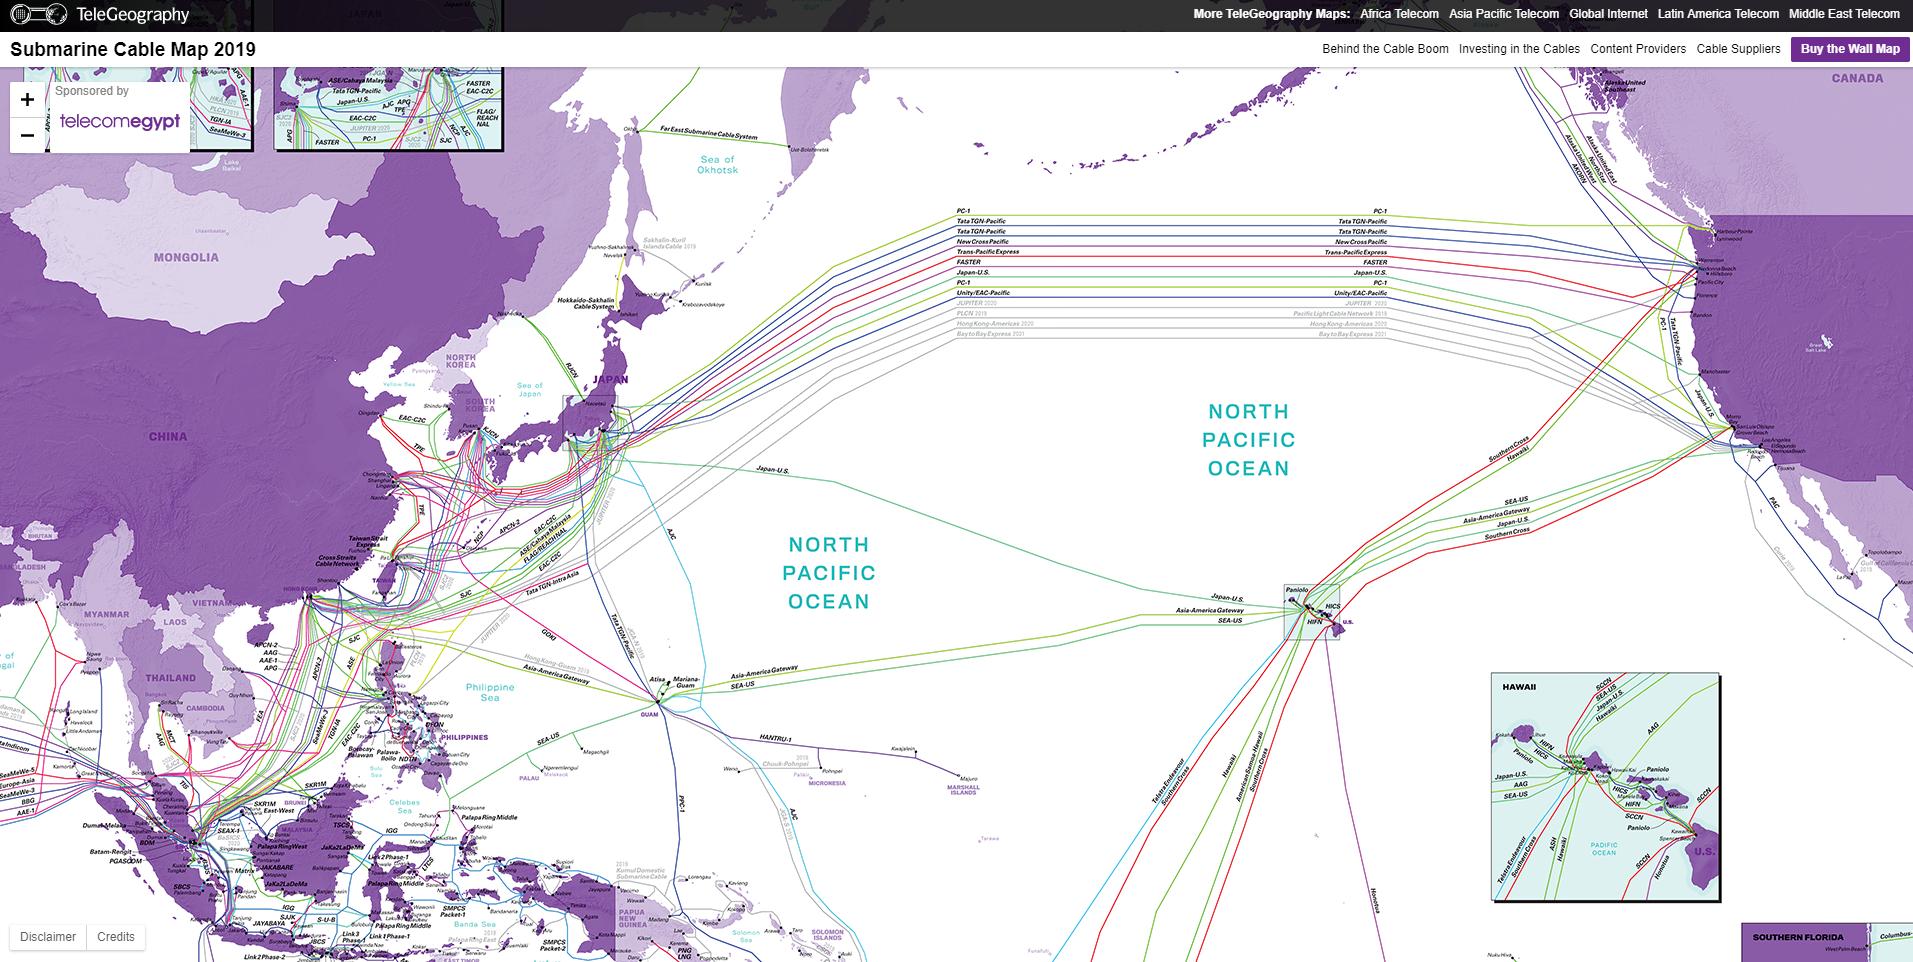 中国海底光缆分布�_2019全球海底光缆分布图|-热门欧洲,美洲,亚洲vps优惠测评脚本